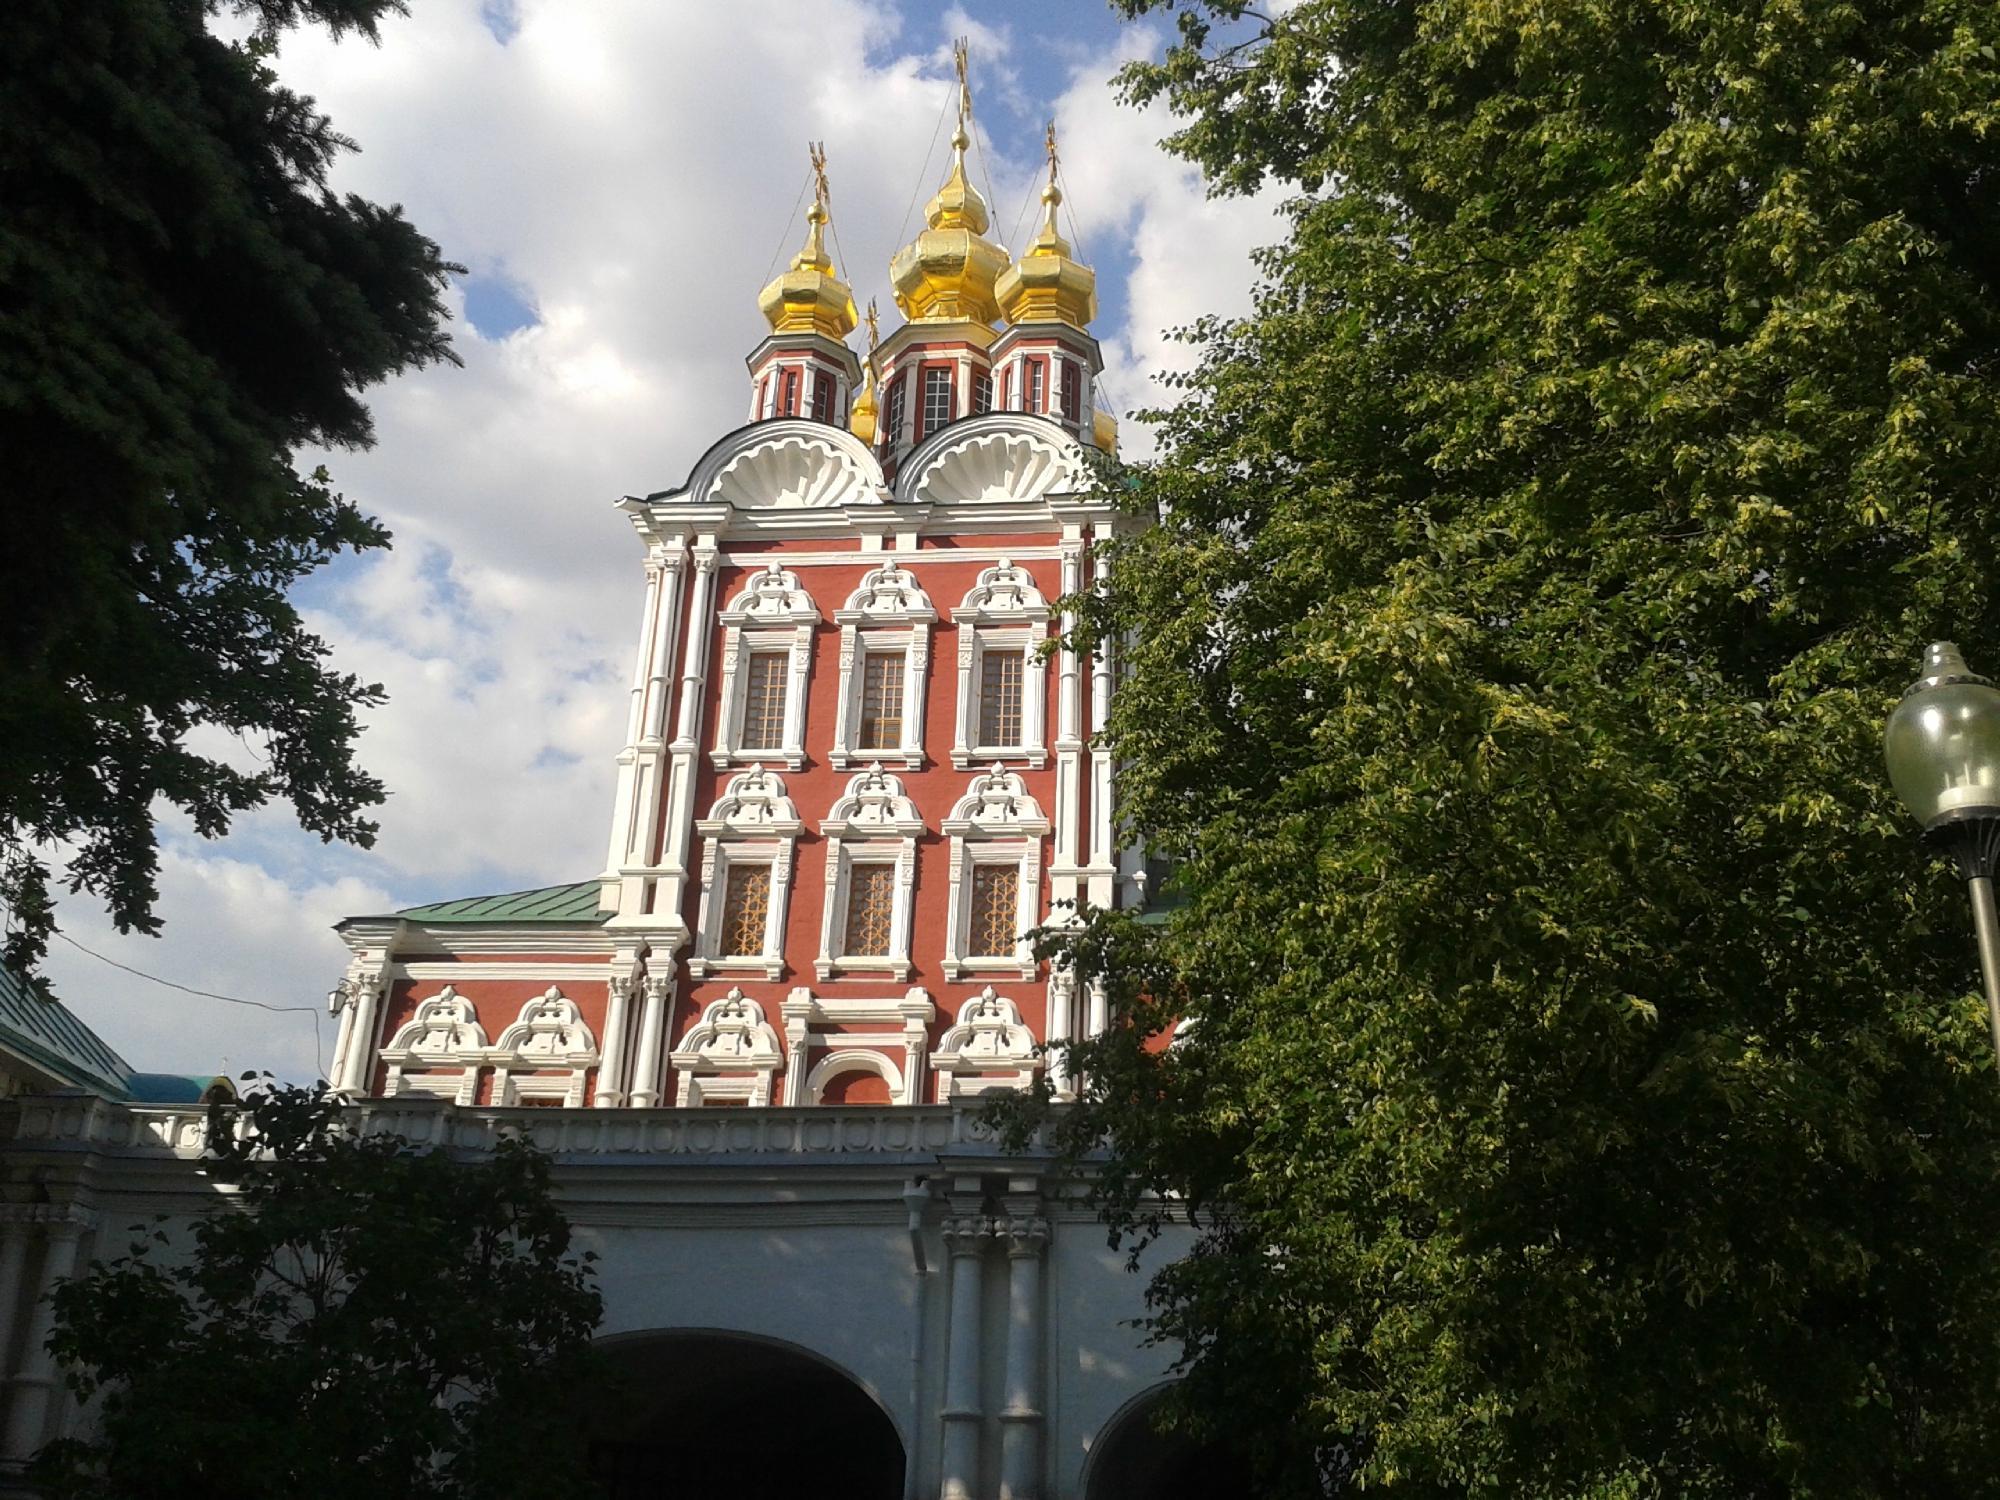 Окрестности новодевичьего монастыря фото 4